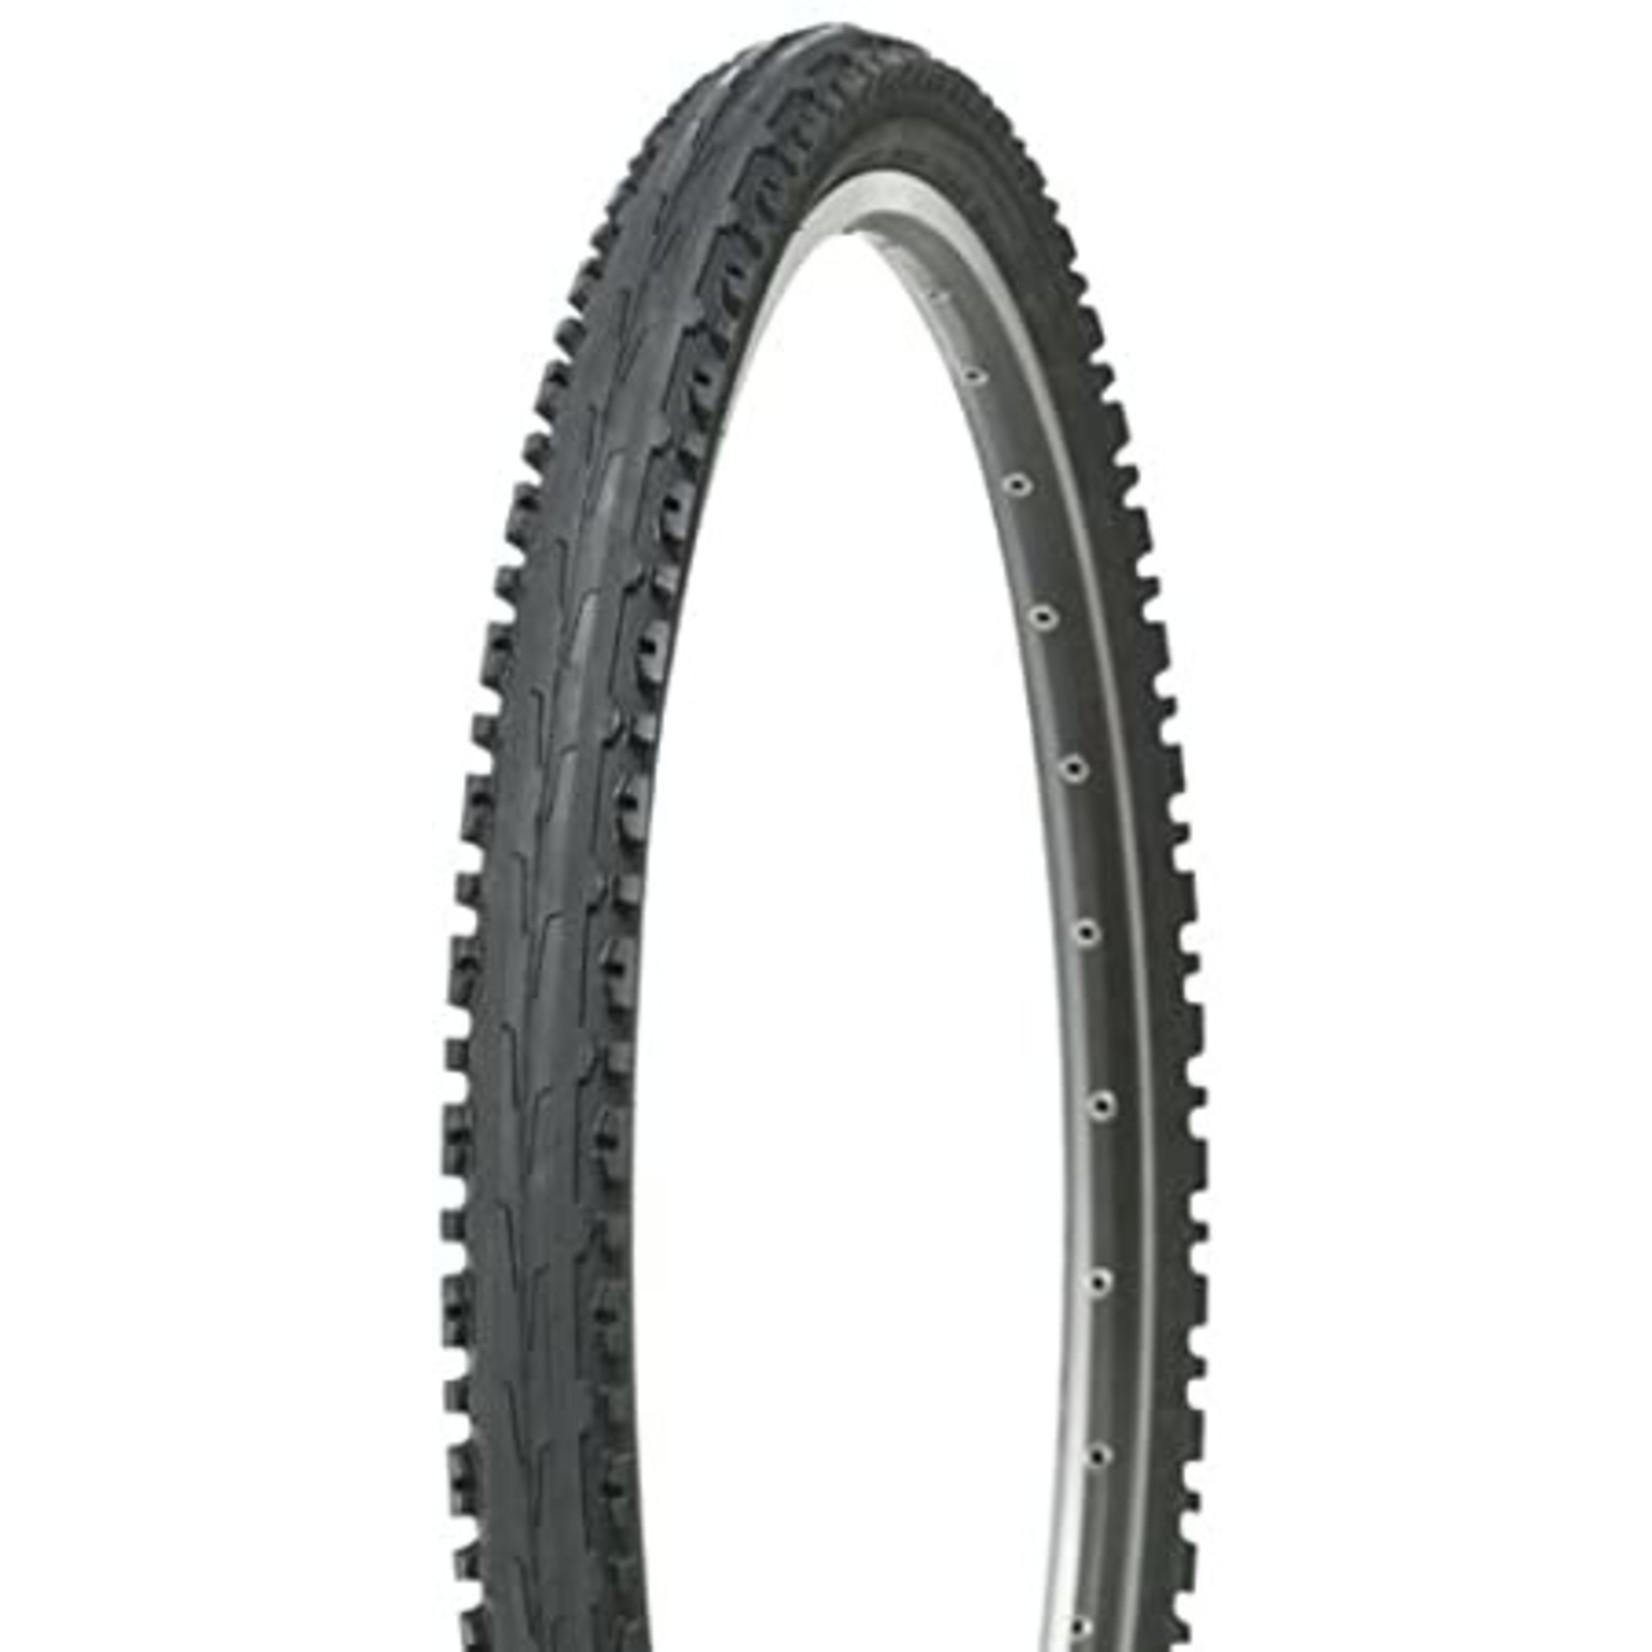 Kenda K847 Kross Plus 26x1.95 Wire Bead Tire